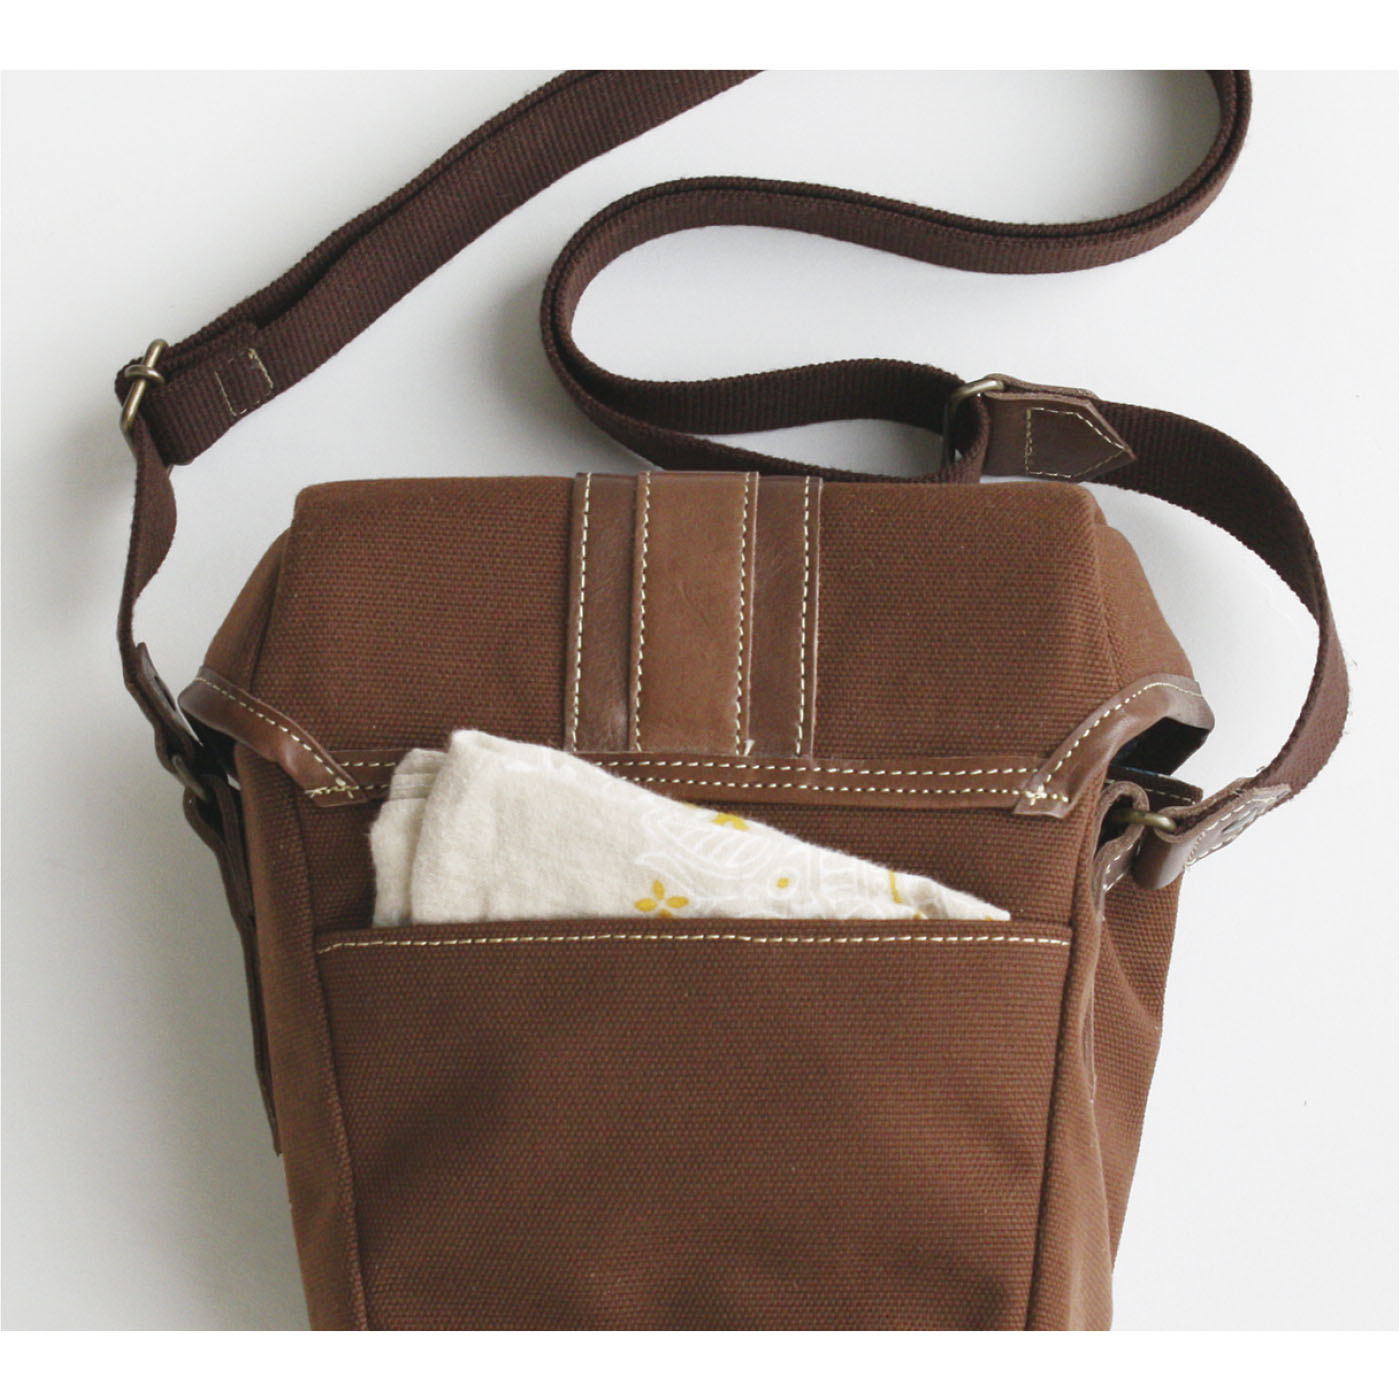 背面のオープンポケットは、すぐ取り出すものの収納にぴったり。